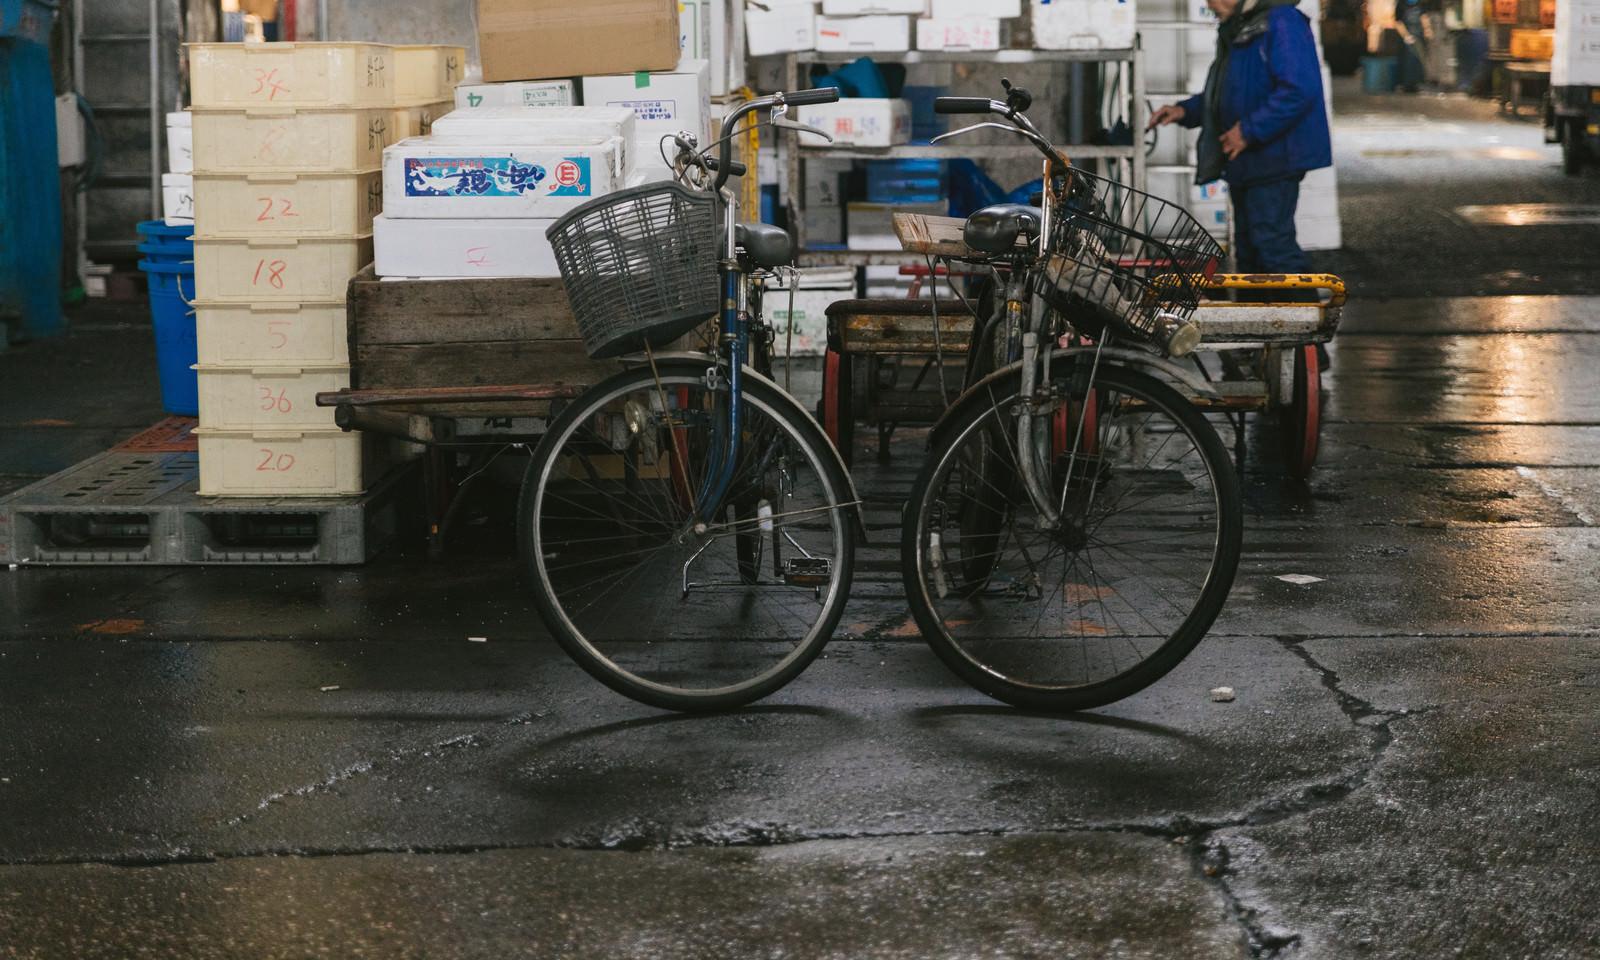 「割れたアスファルトと年期の入った自転車(築地市場内)」の写真